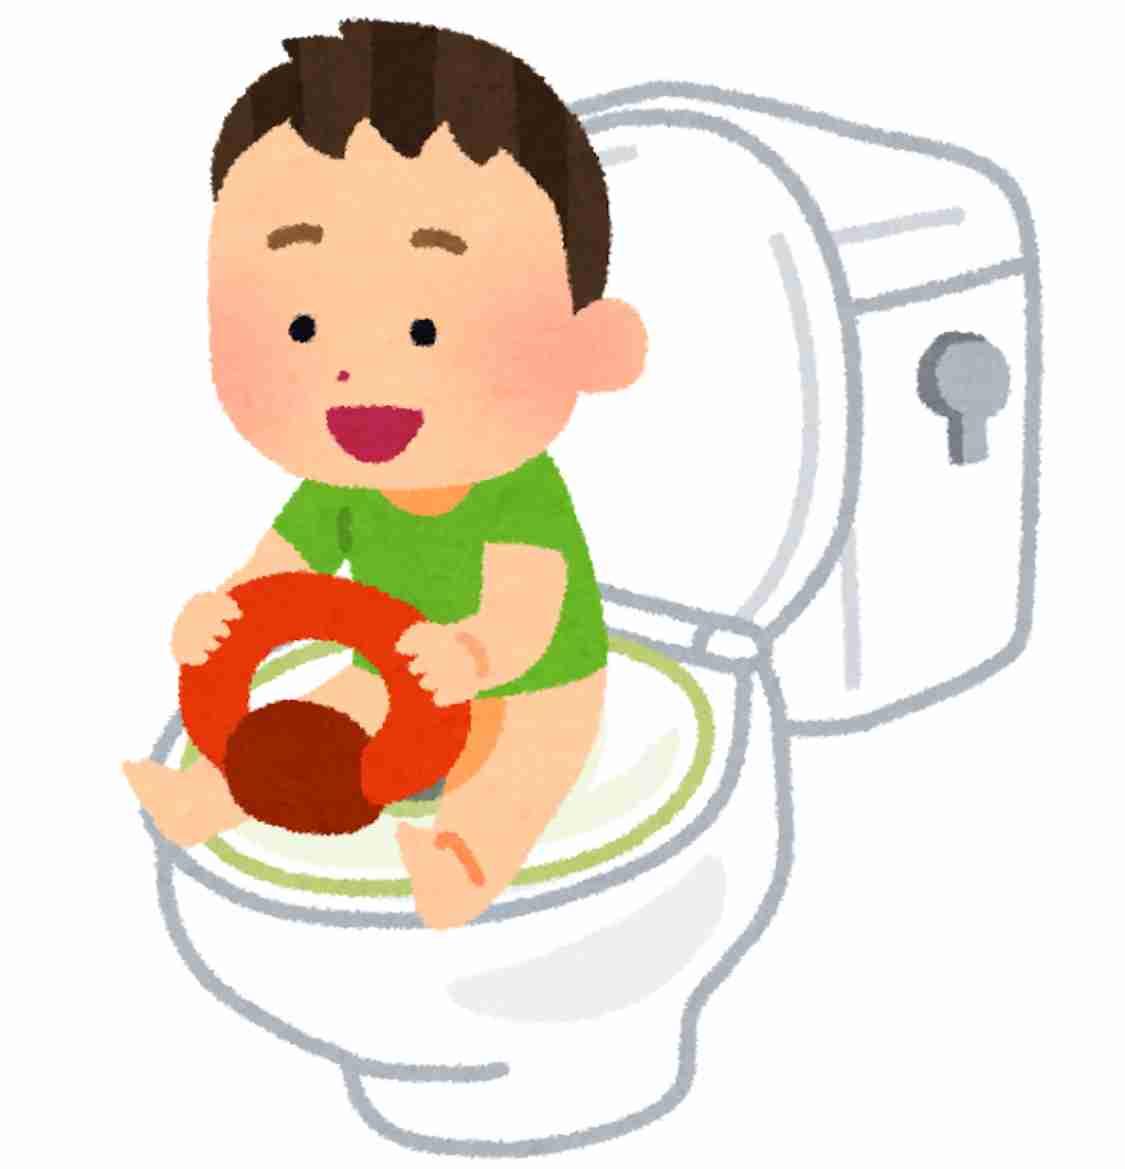 トイレトレーニングの進捗状況を報告しませんか?